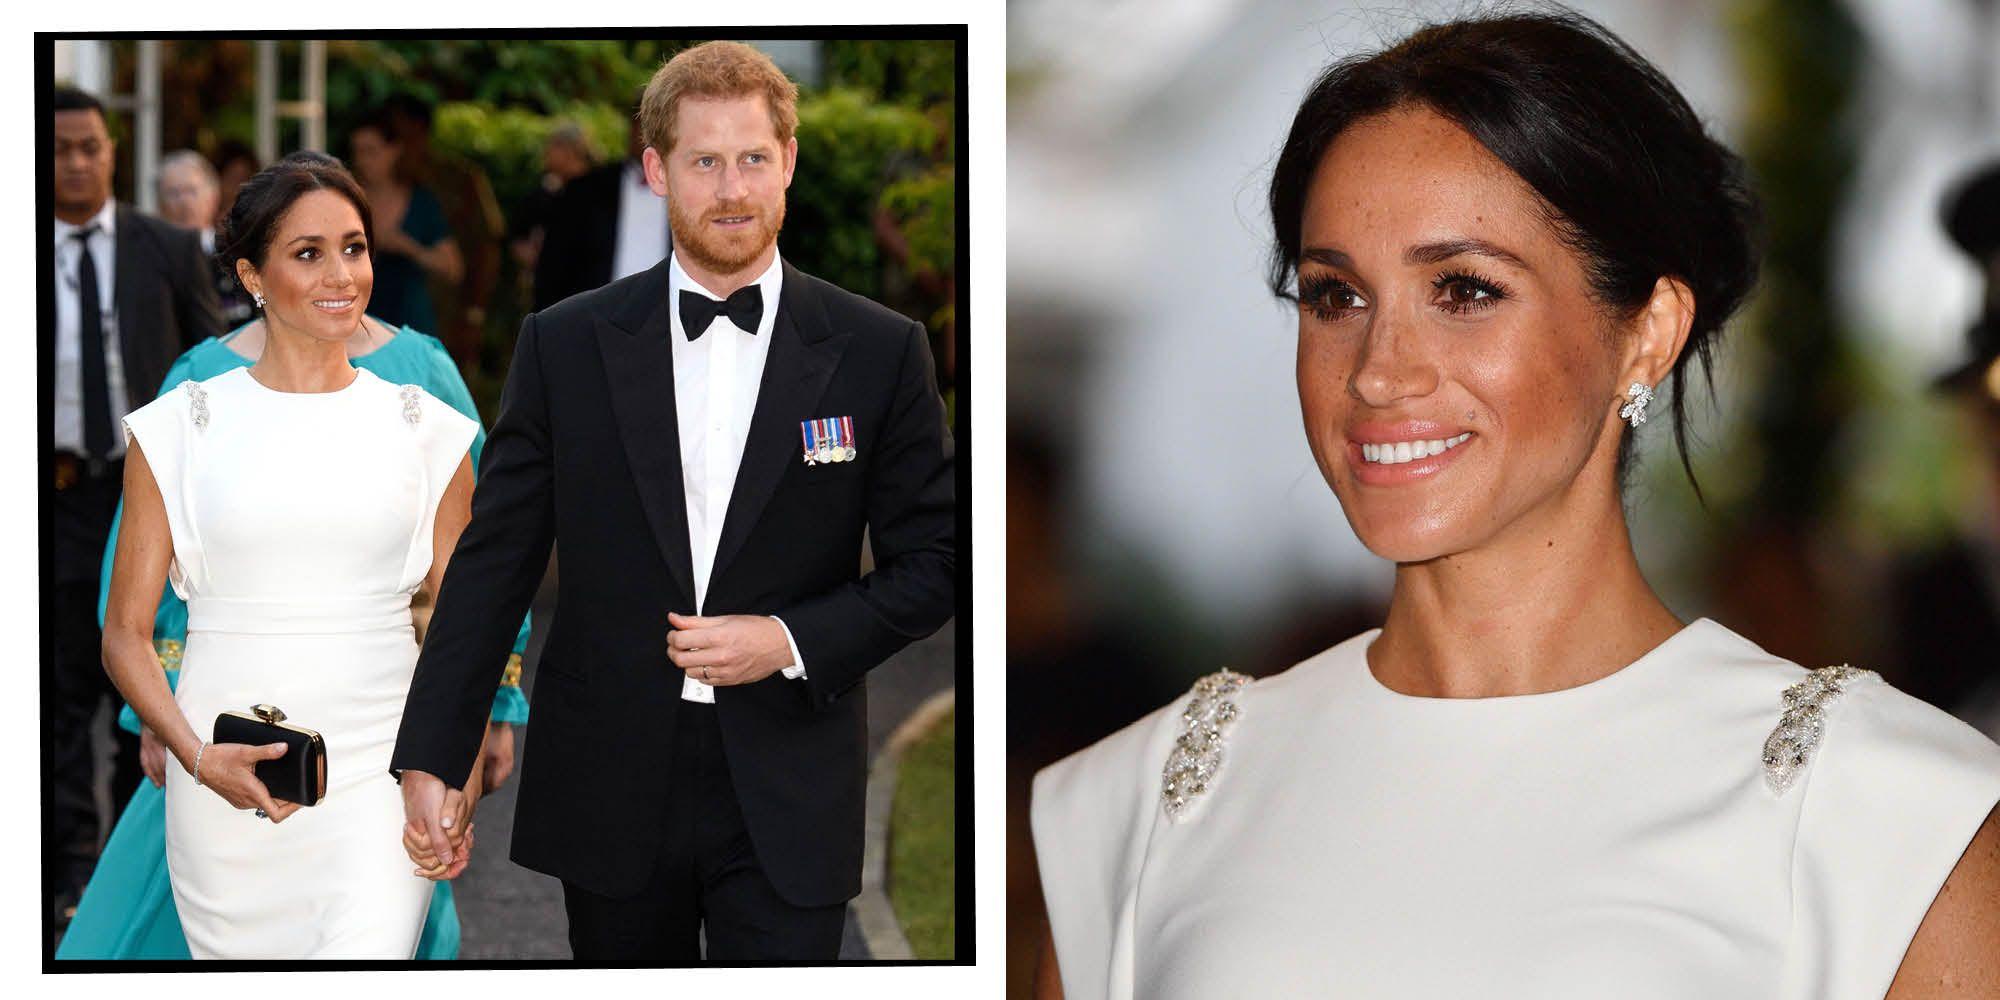 Meghan Markle on royal tour of Tonga